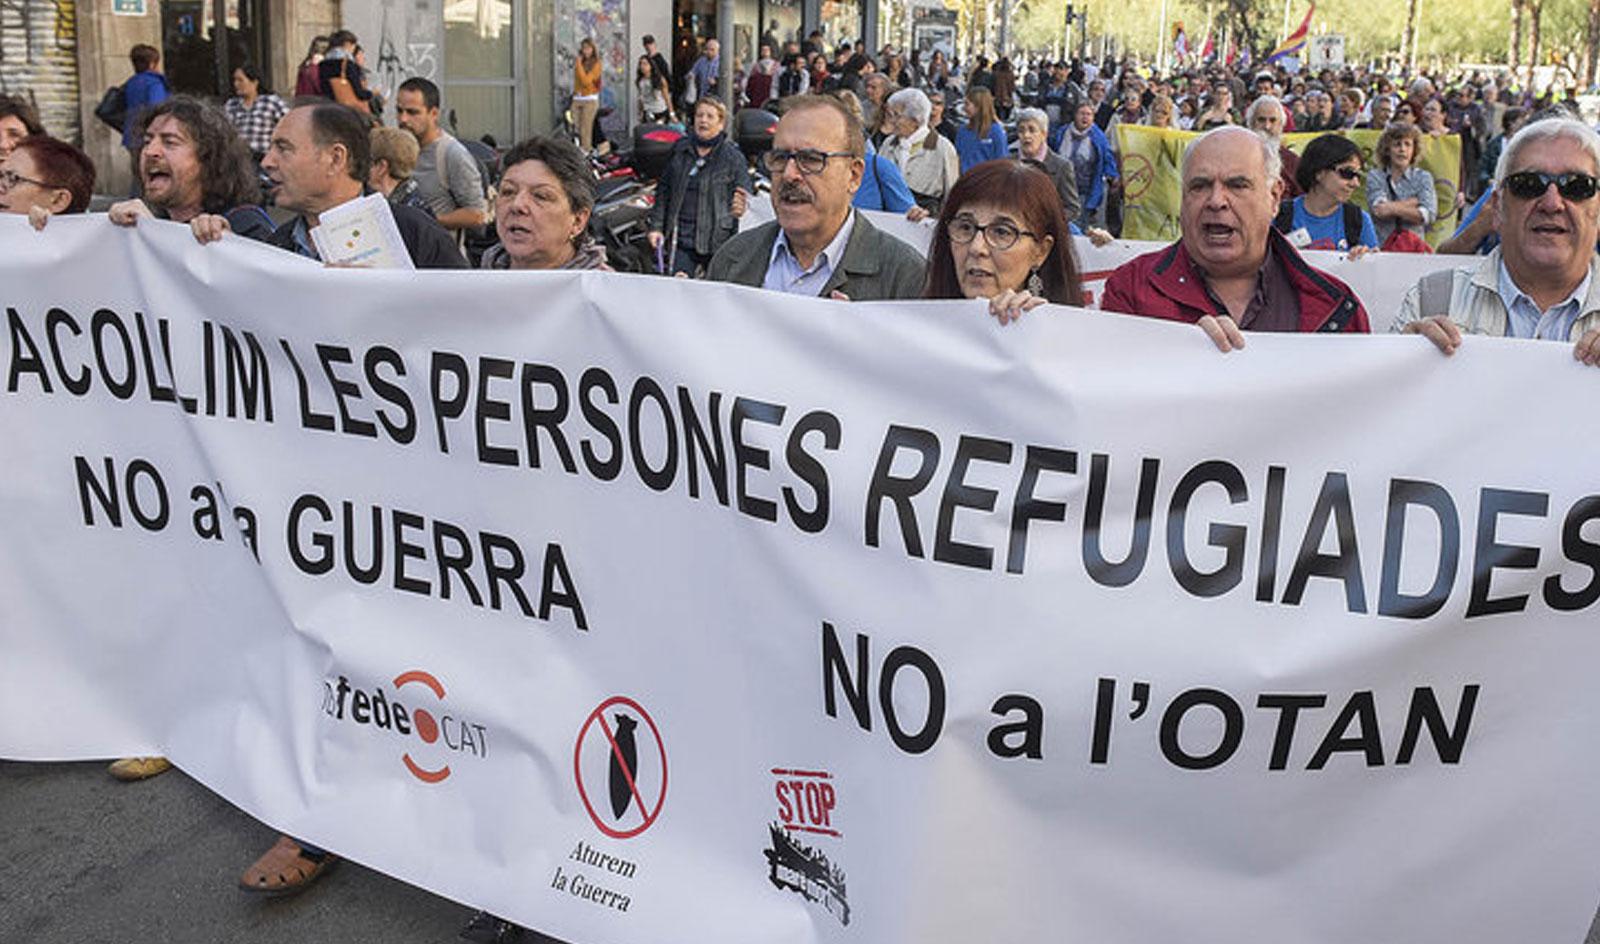 La ciutadania surt al carrer en rebuig a les intervencions militars i a favor de l'acollida de les refugiades